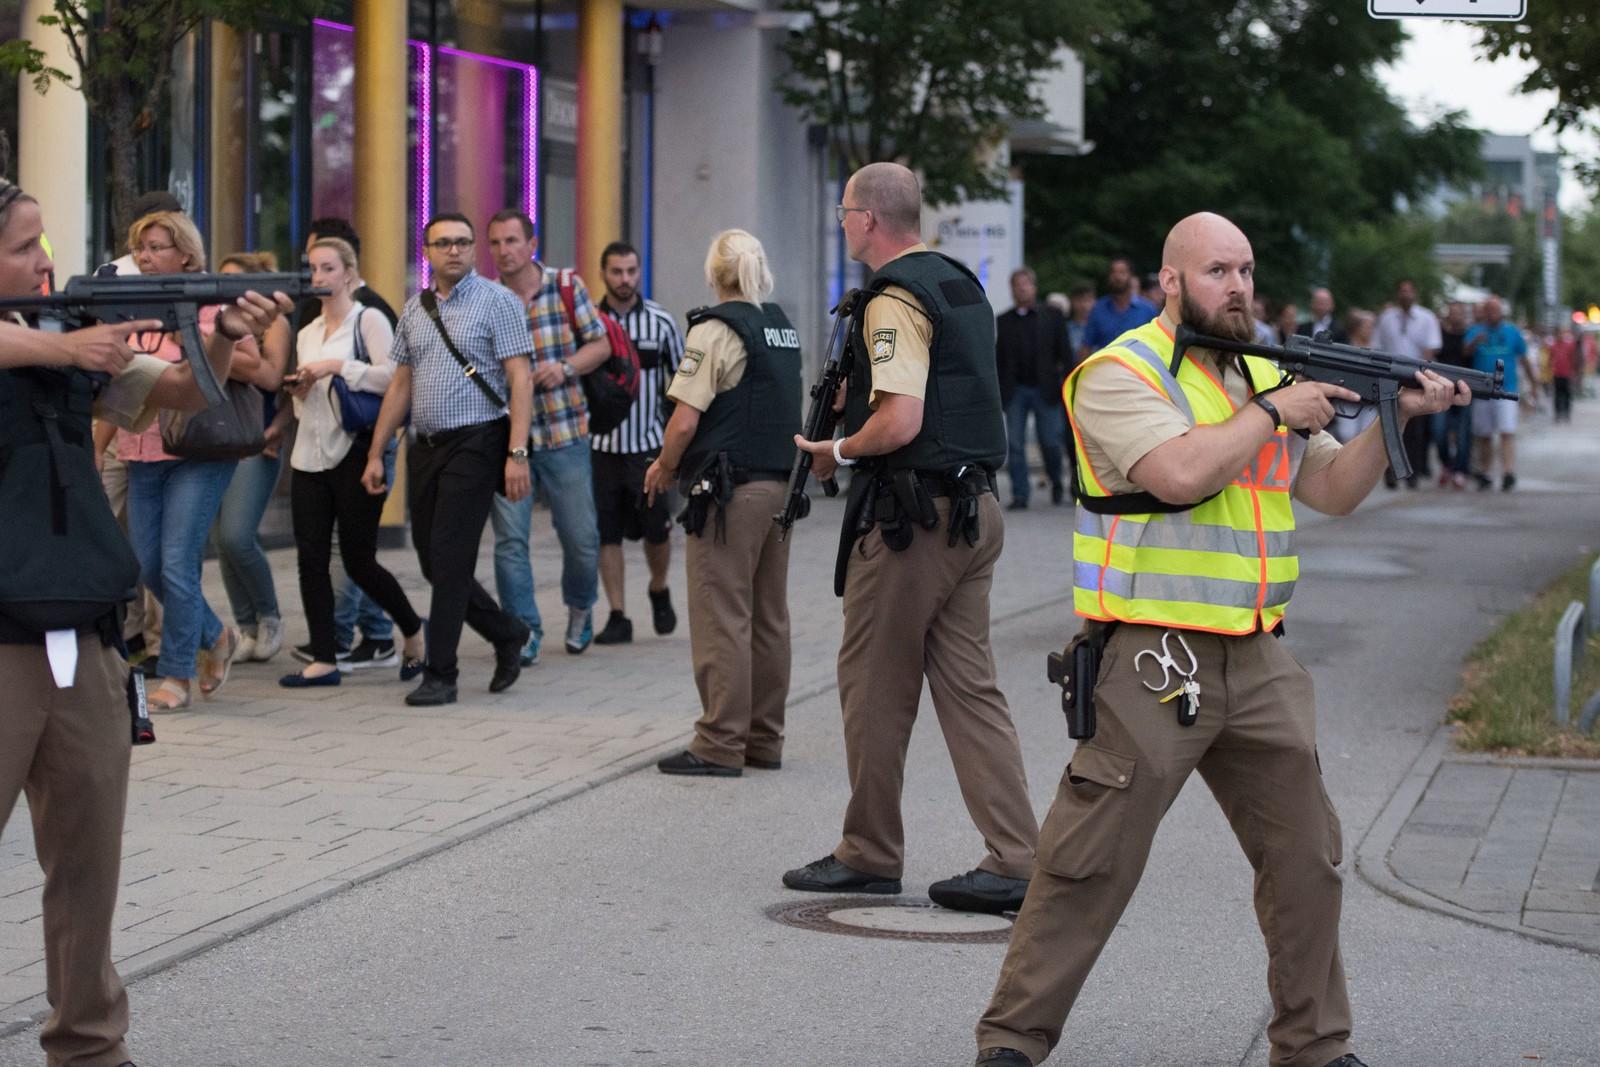 POLITIESKORTE: Bevæpnet politi eskorterer personer som forlater Olympia-kjøpesenteret etter skytingen fredag kveld. Minst åtte personer mistet livet i det politiet mistenker er et terrorangrep.